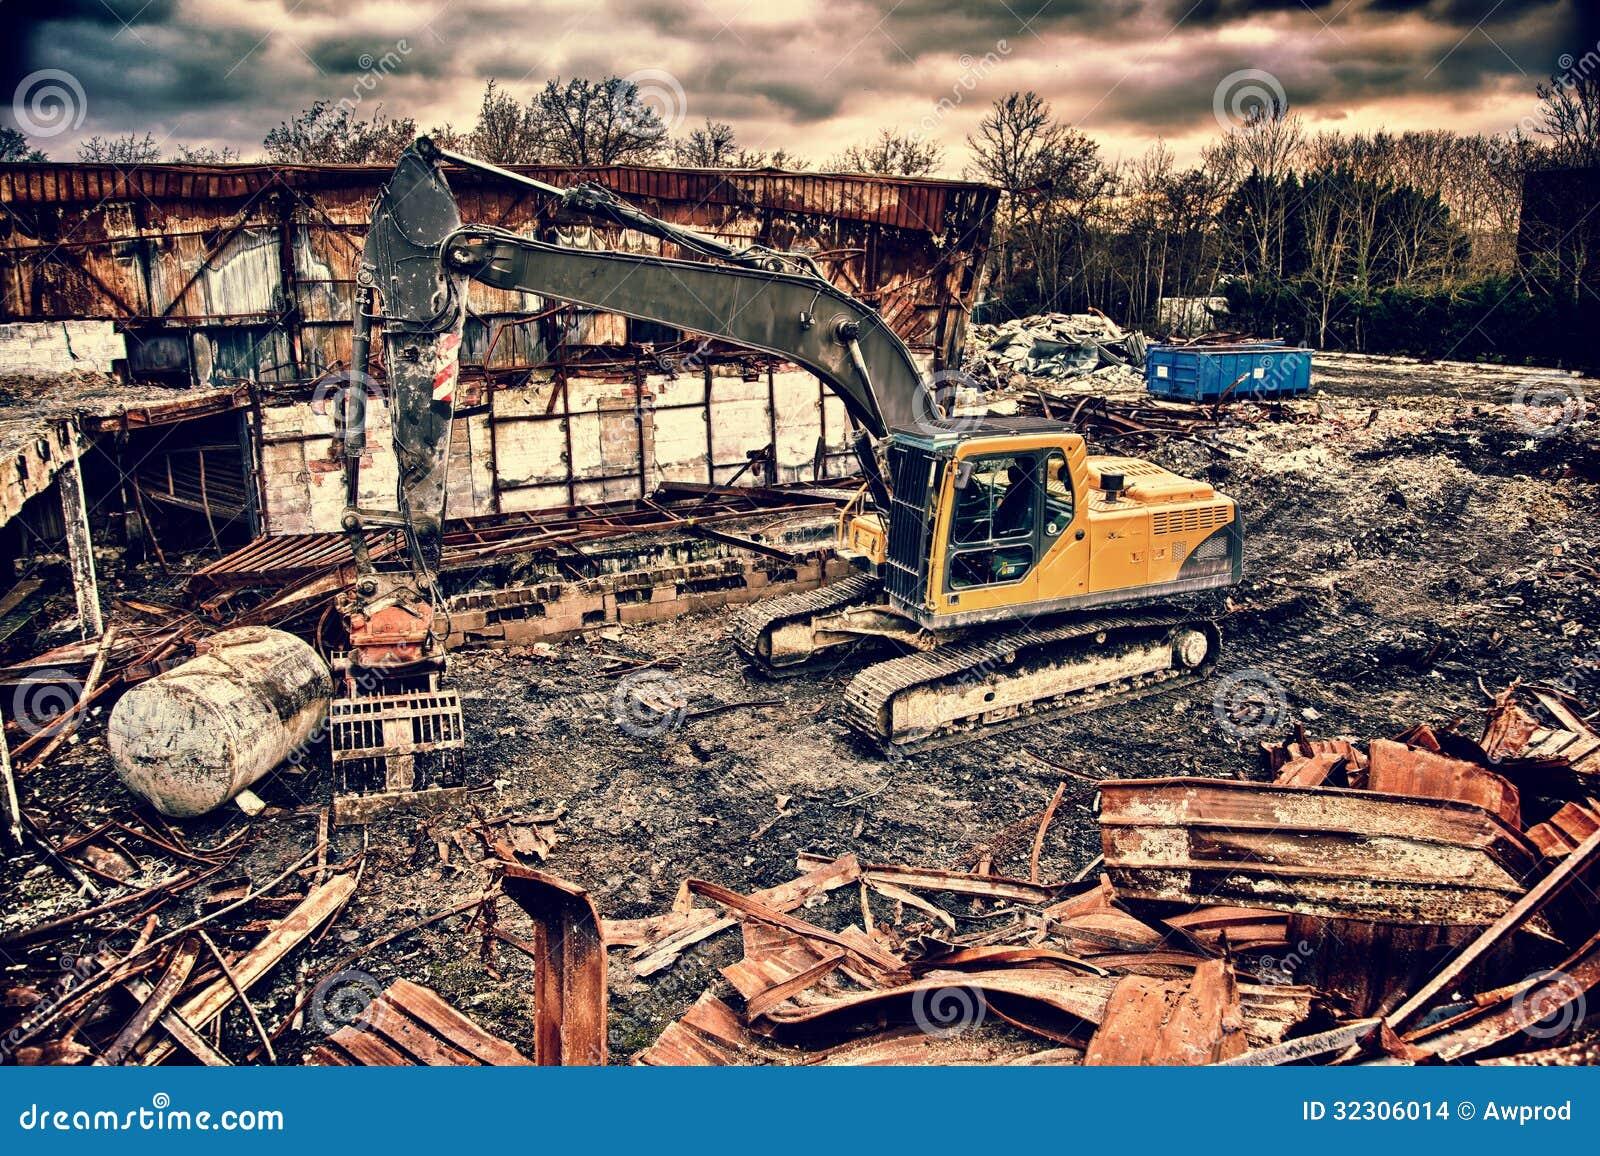 Demolition crane in a grunge background Demolition Crane